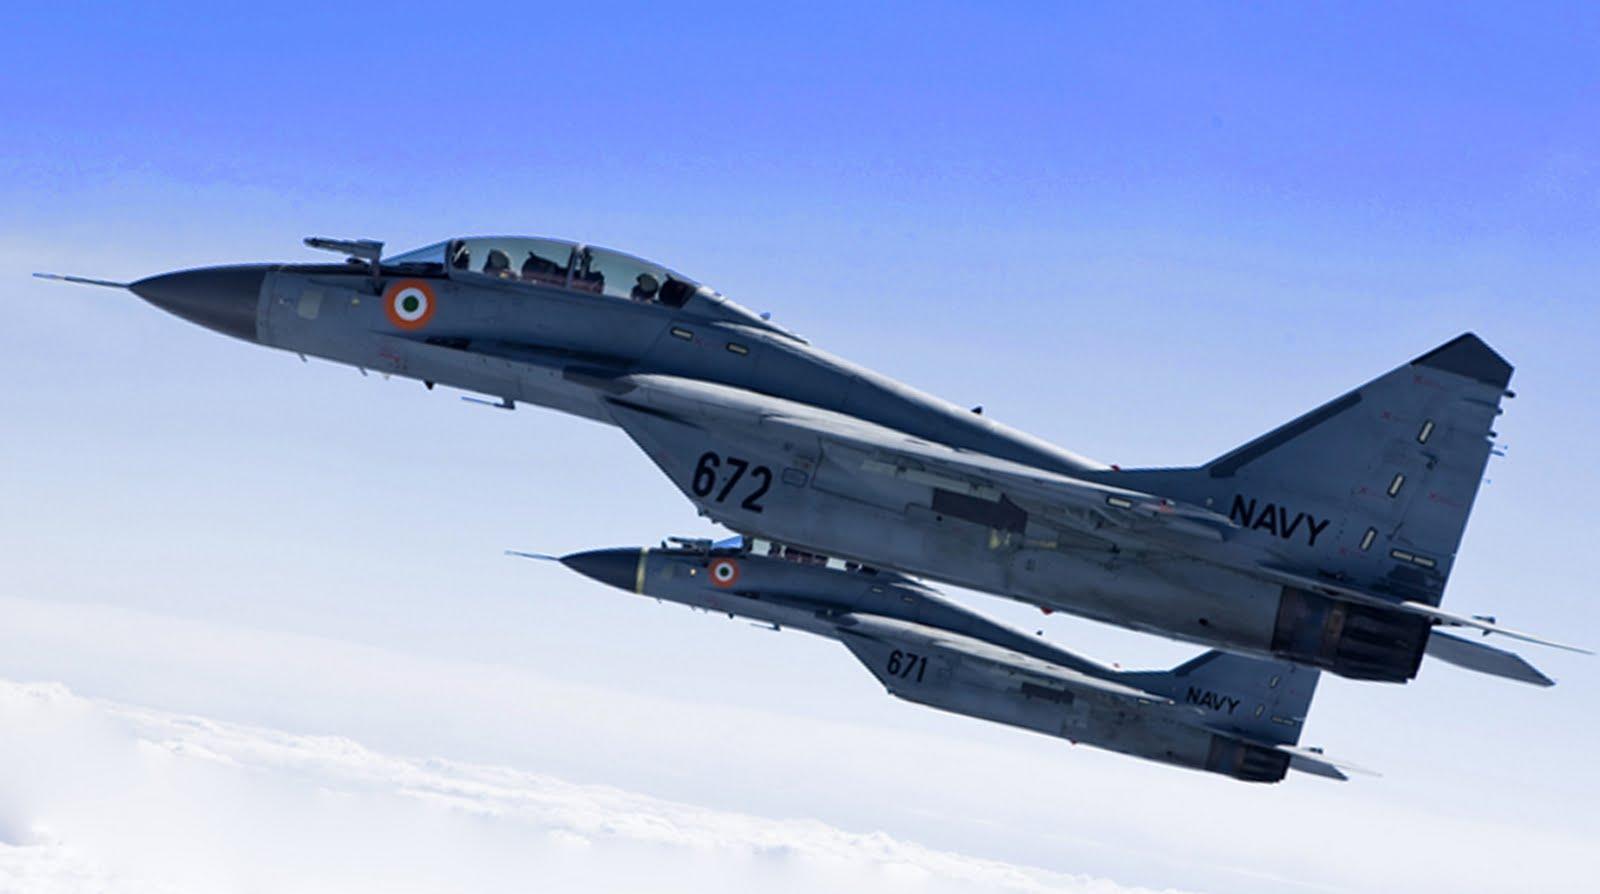 Moscou negocia com Damasco o fornecimento de caças MiG-29